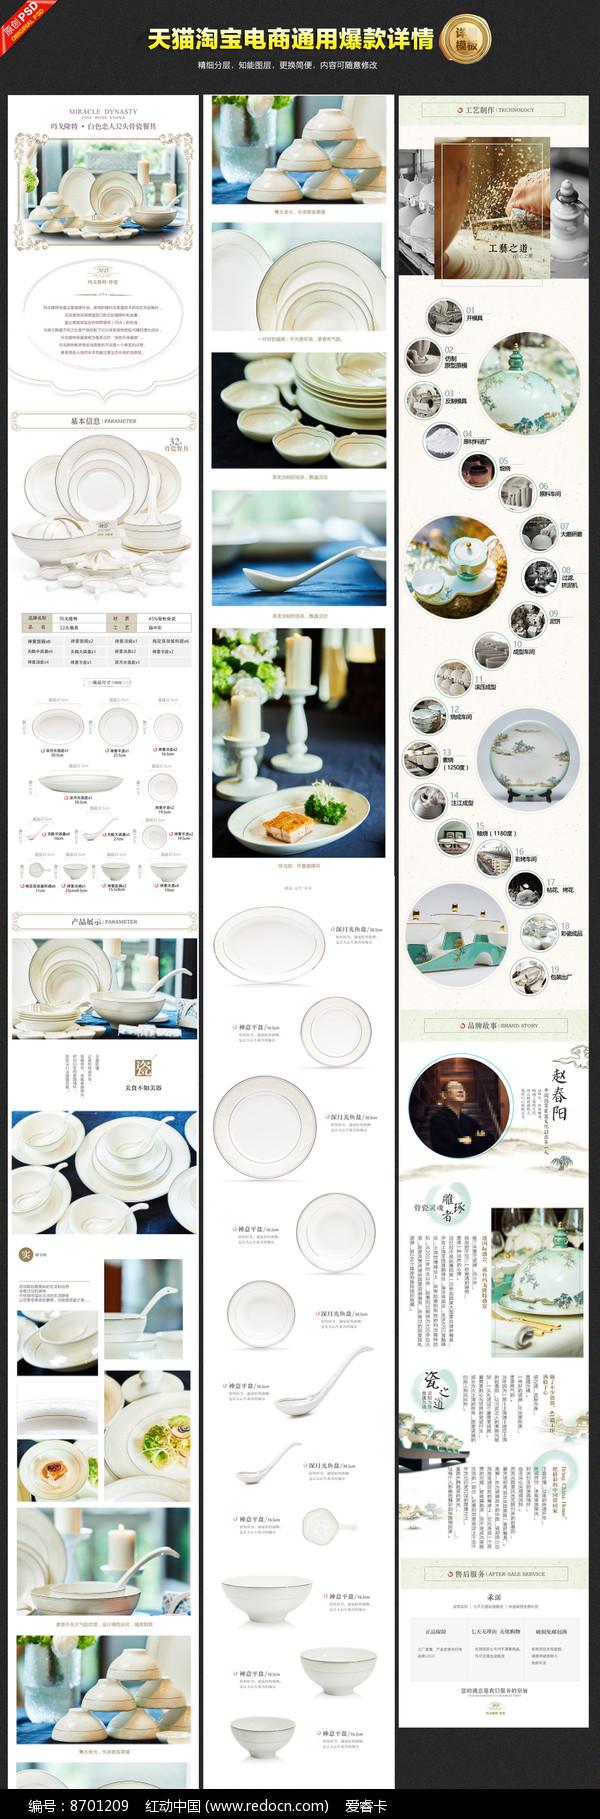 陶瓷欧式风格产品爆款详情页图片